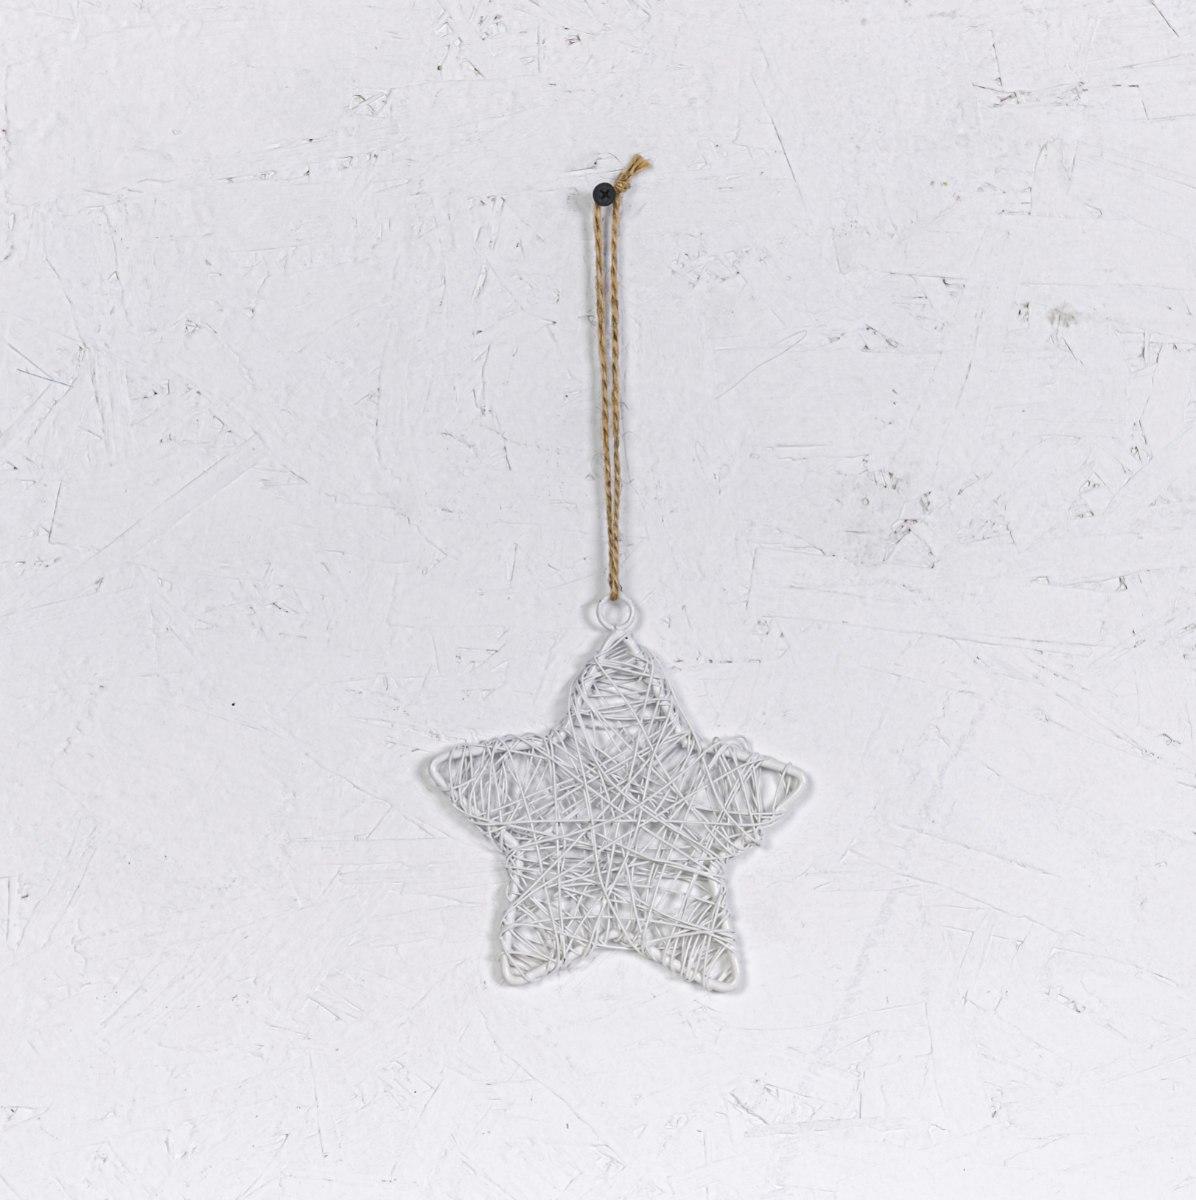 כוכב מיתרי ברזל - לבן